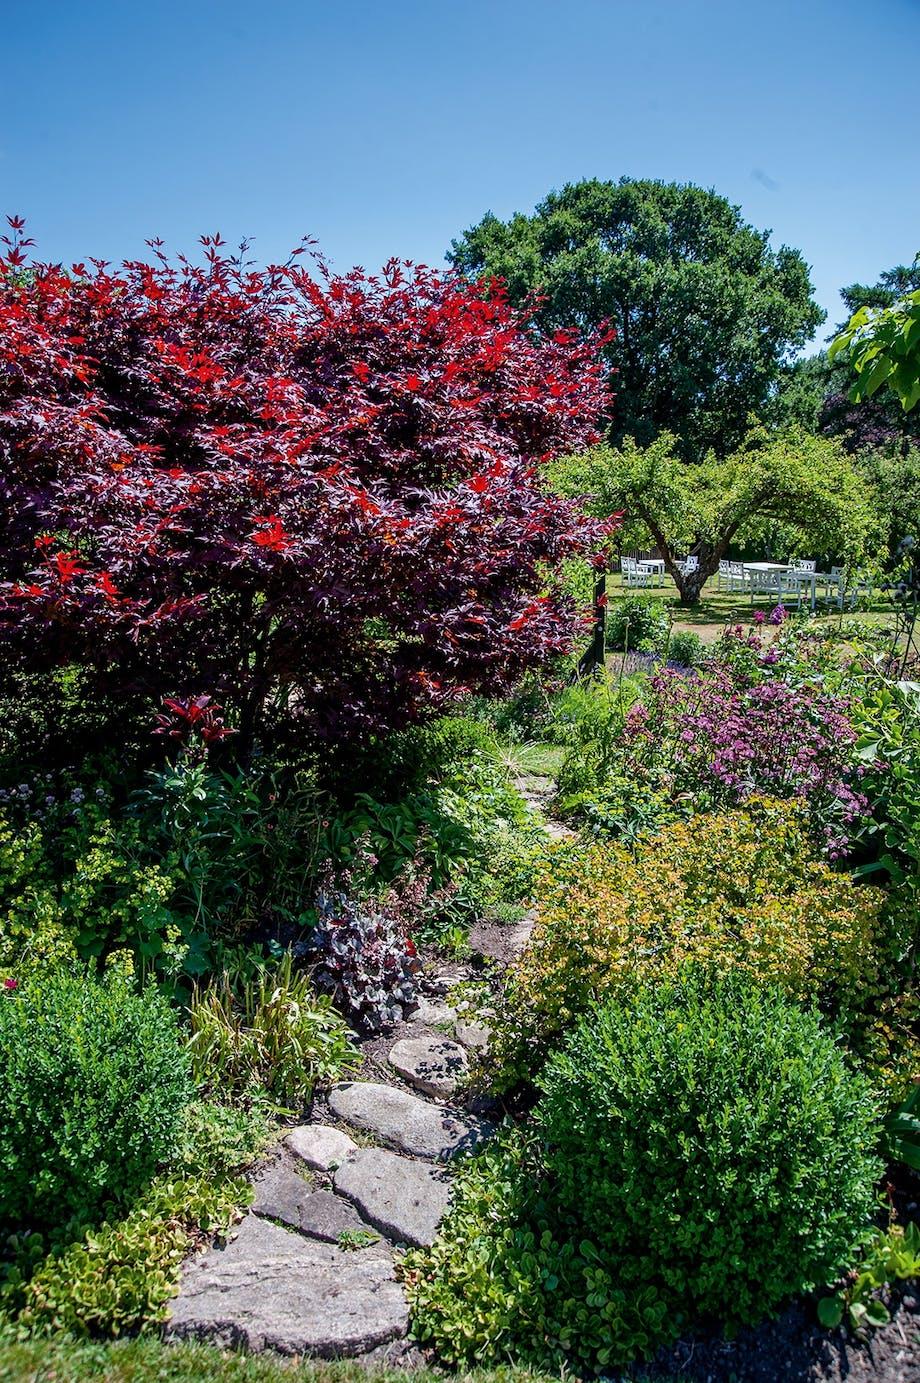 natursten sti frugttræer blomsterbed